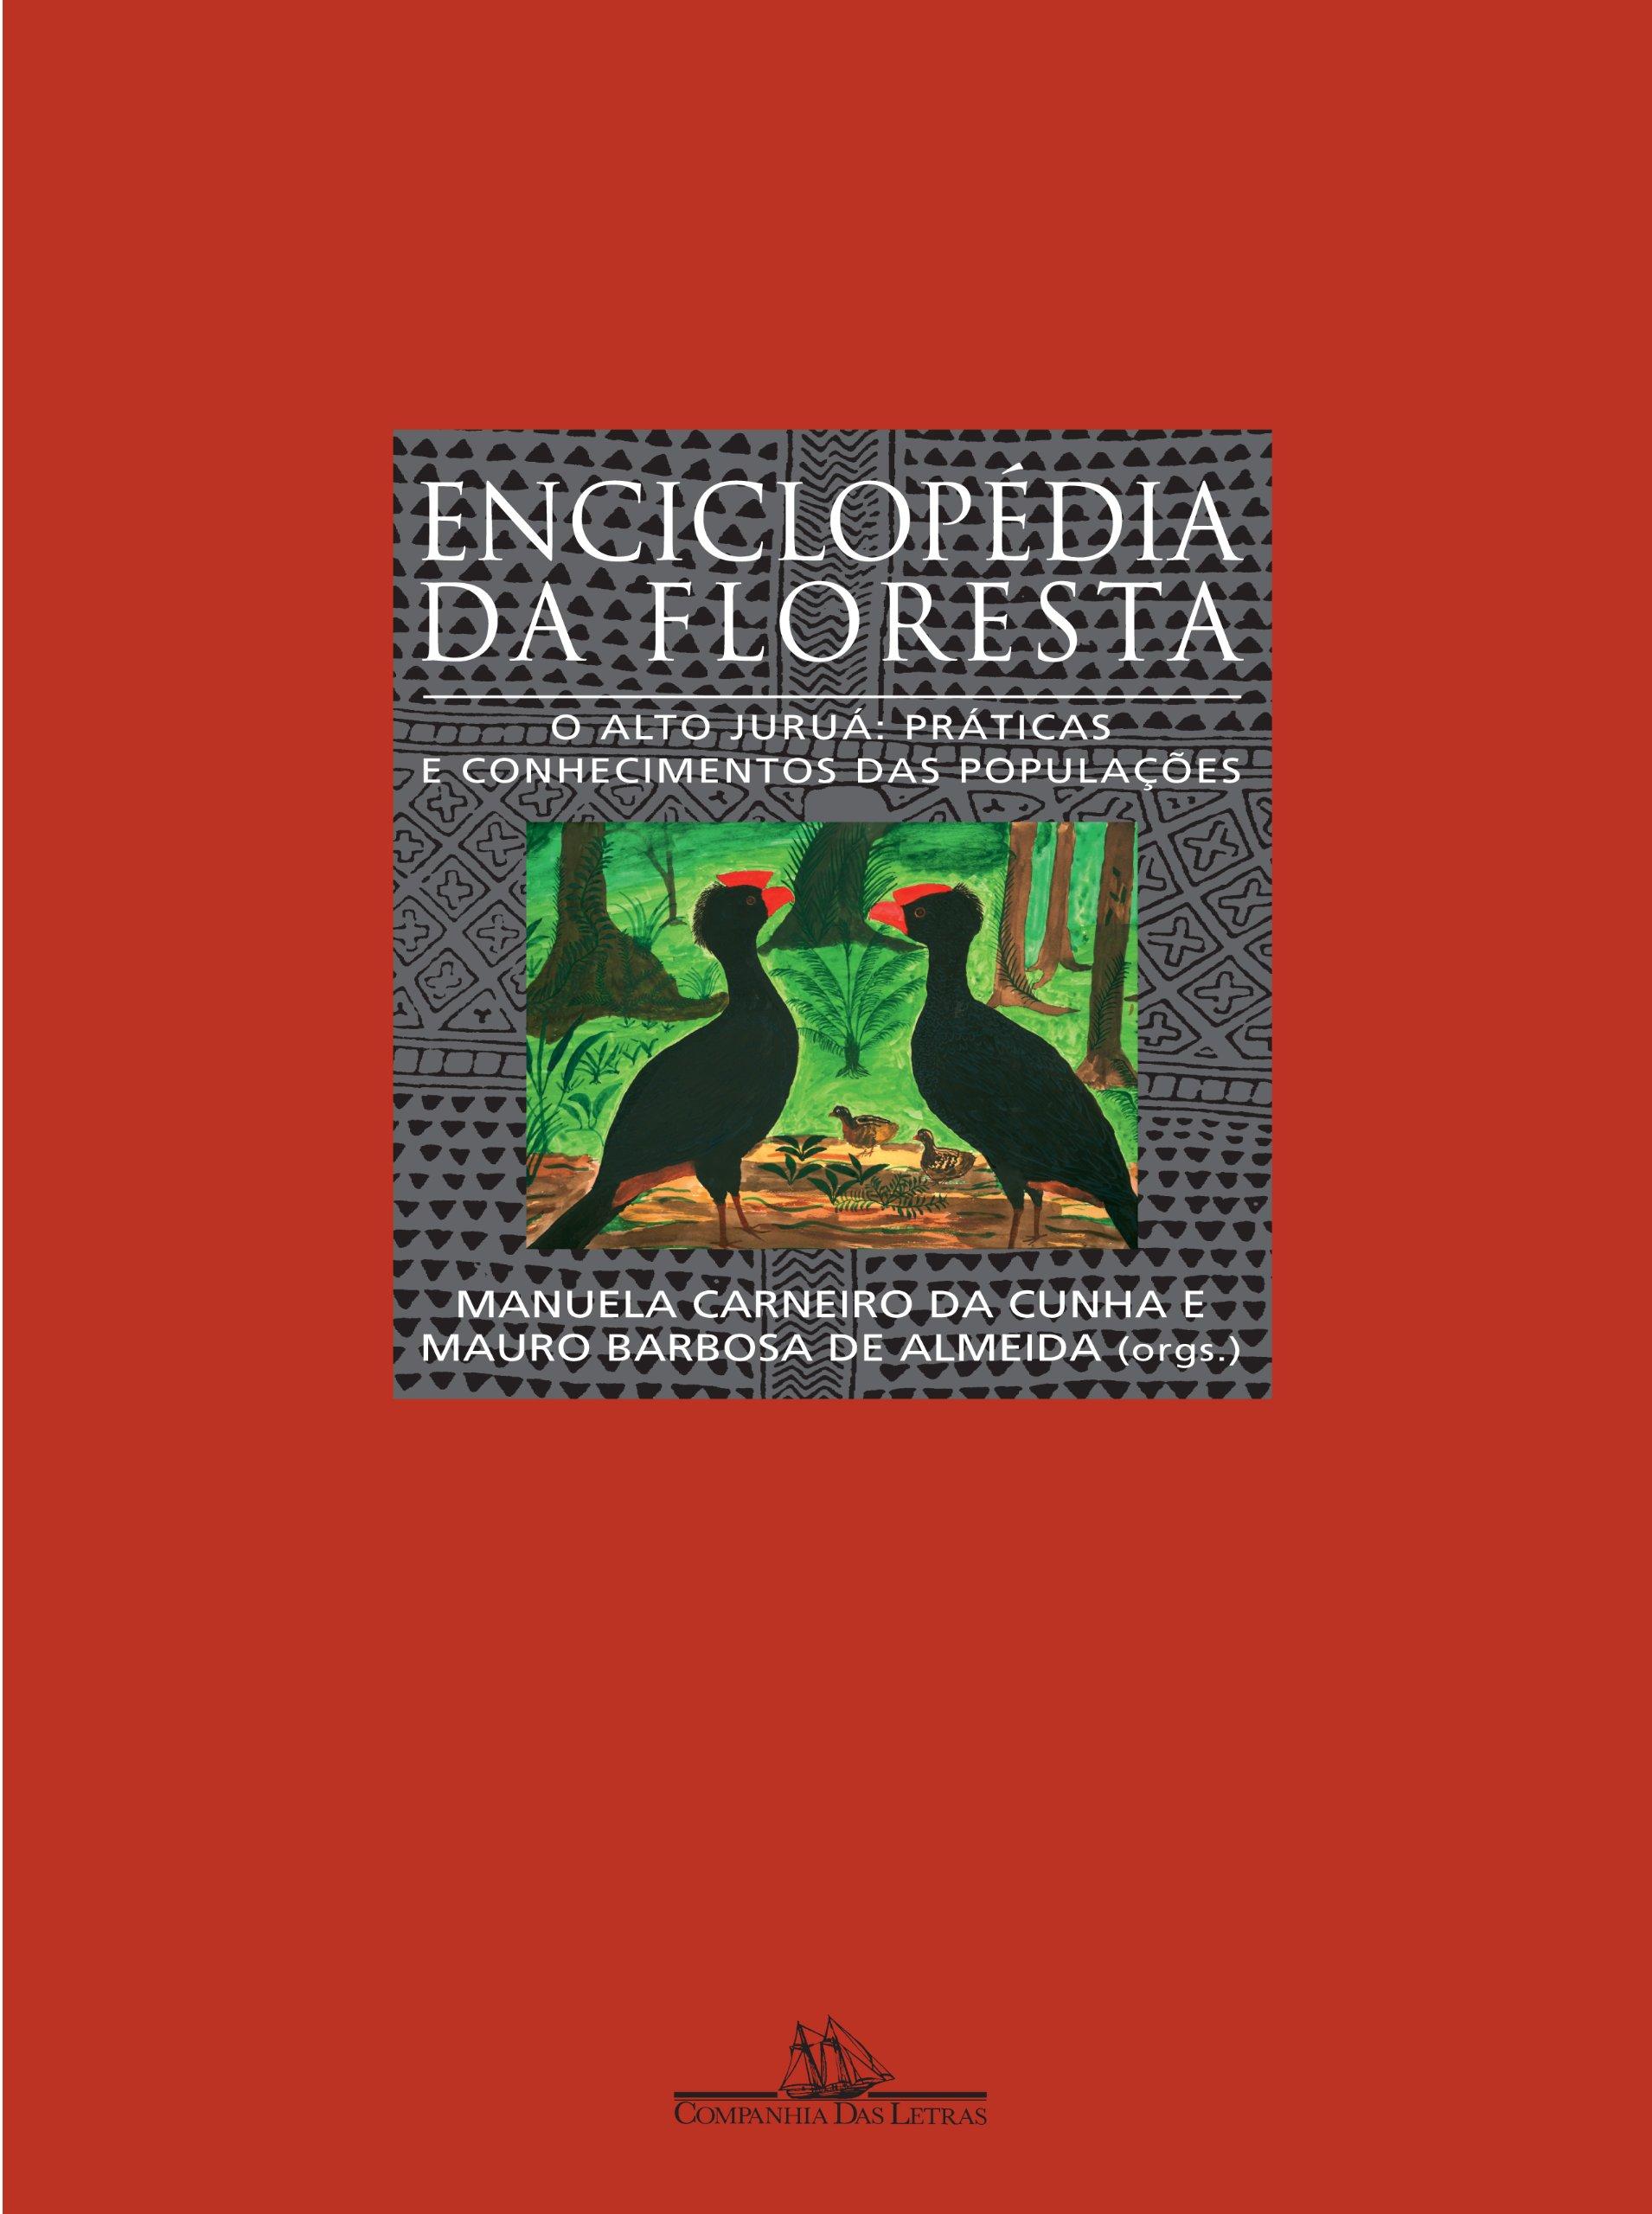 Enciclopédia da Floresta (Em Portuguese do Brasil): Manuela C. Cunha: 9788535902389: Amazon.com: Books